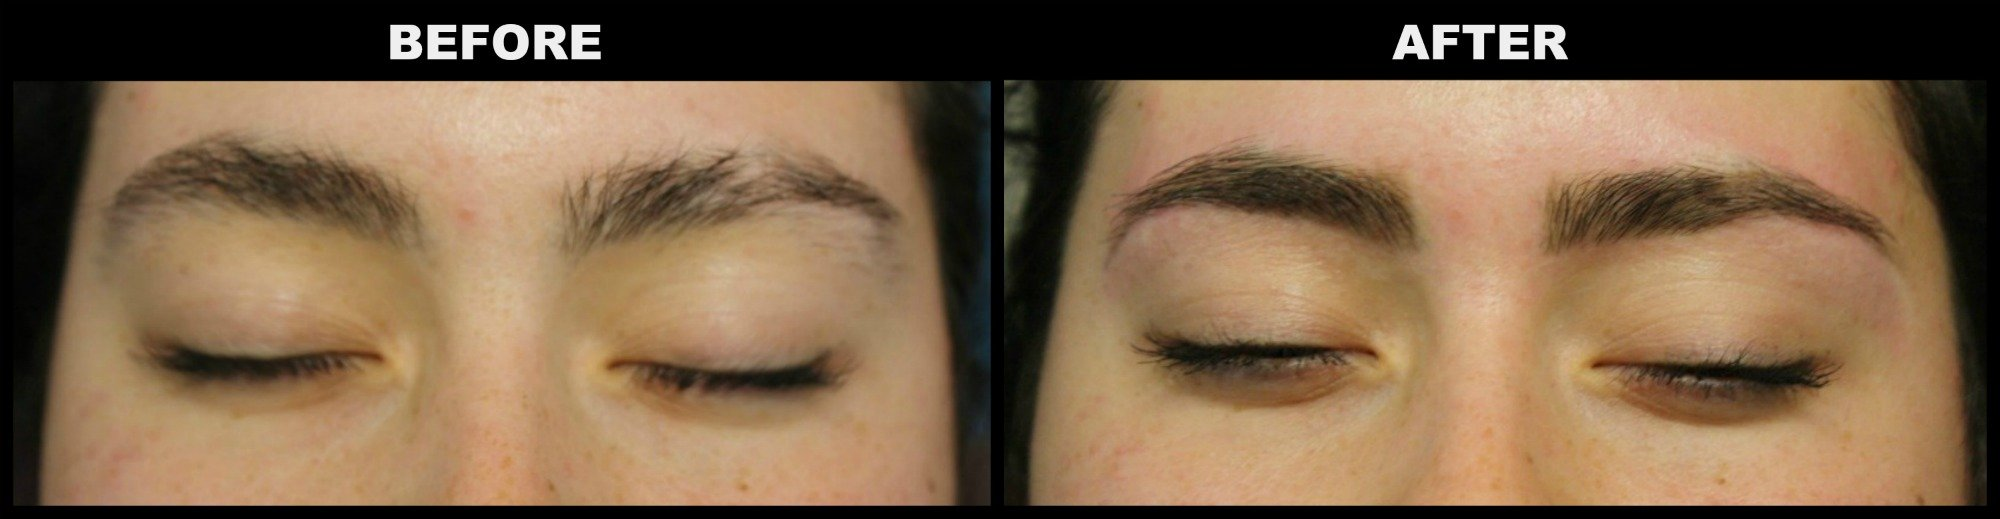 eyebrow waxing Scotts Valley